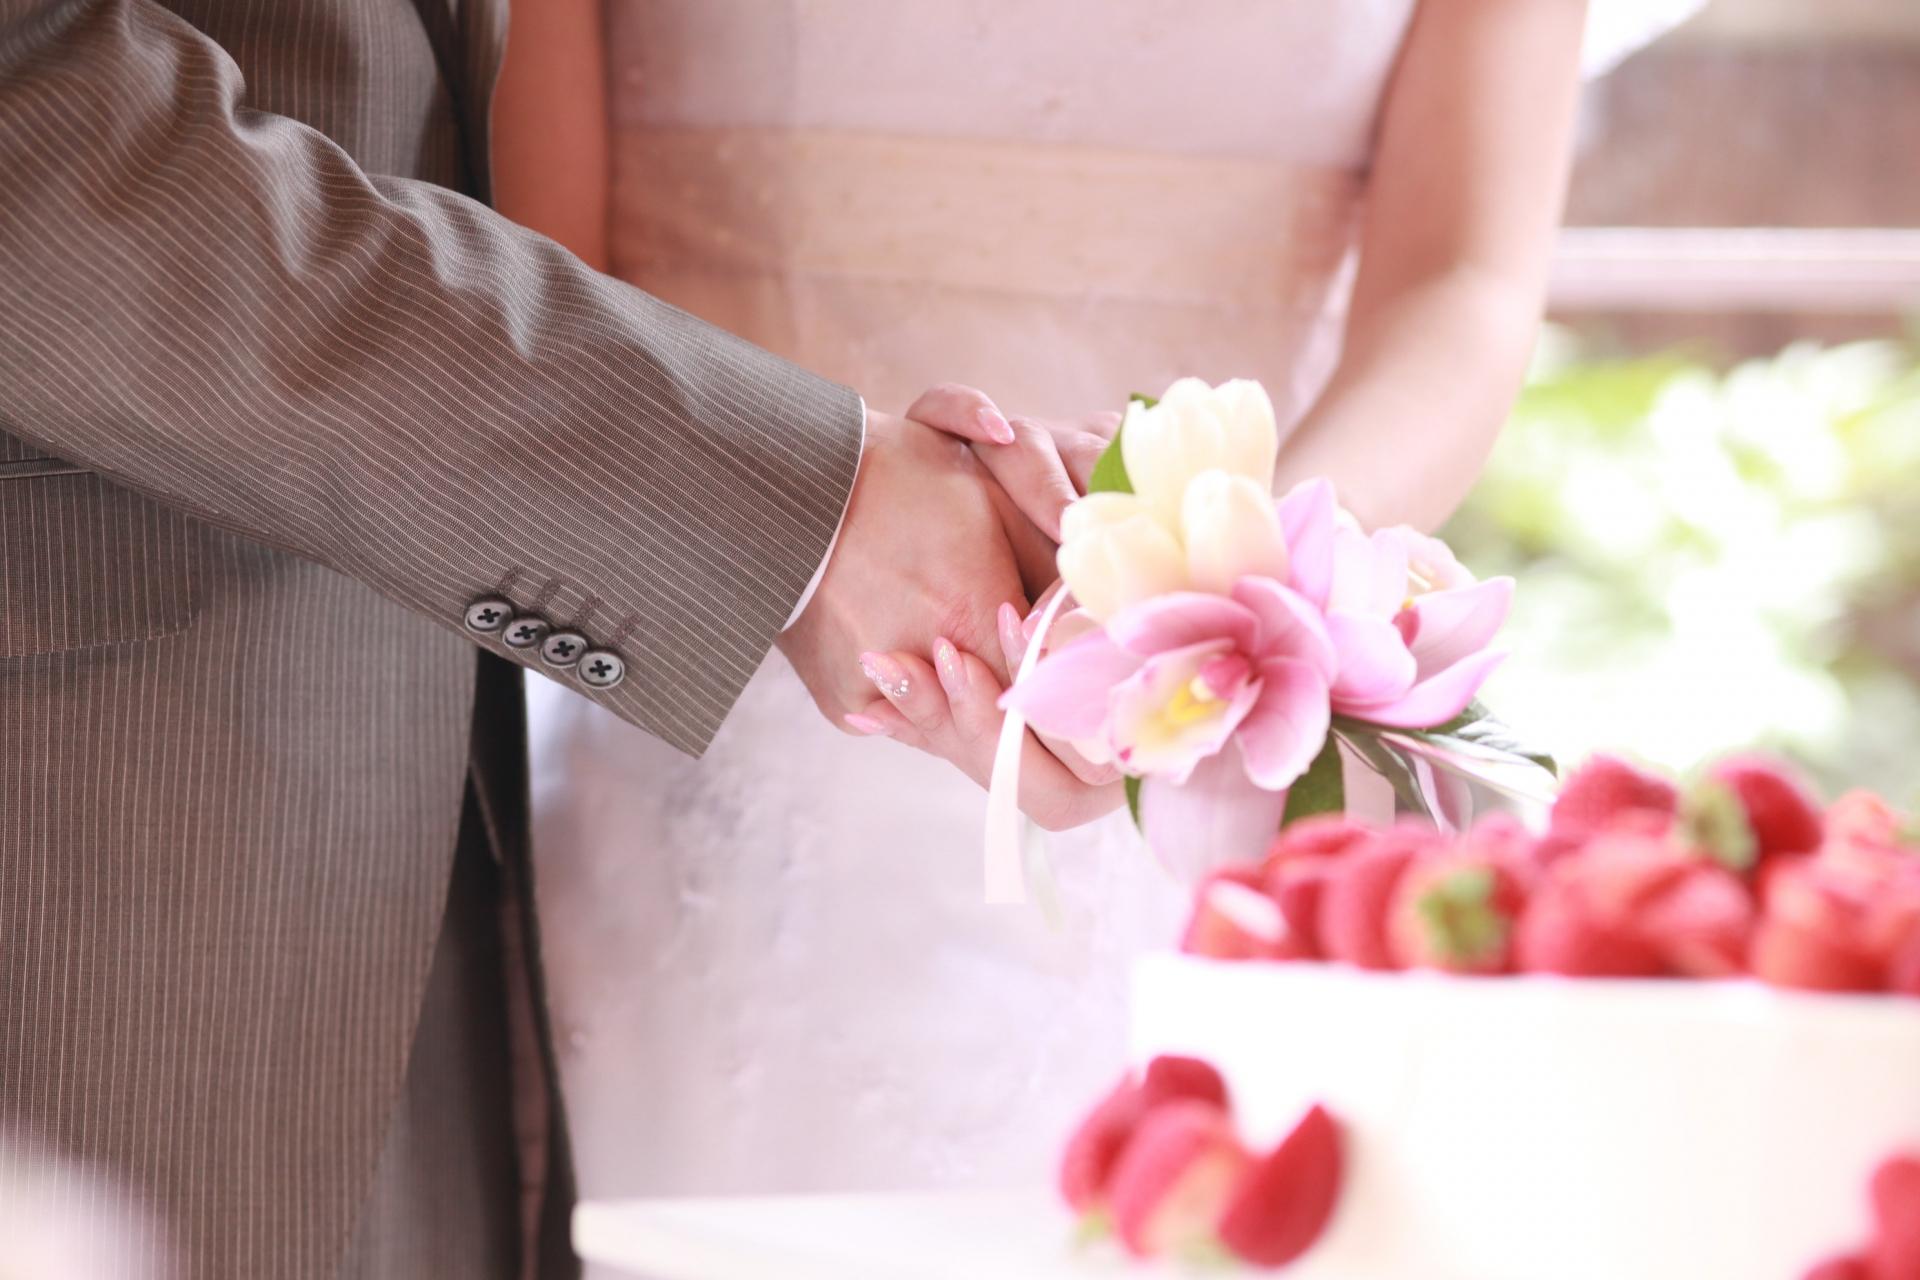 【未来診断】あなたと入籍する人はどんな人?将来の結婚相手の10の特徴♡